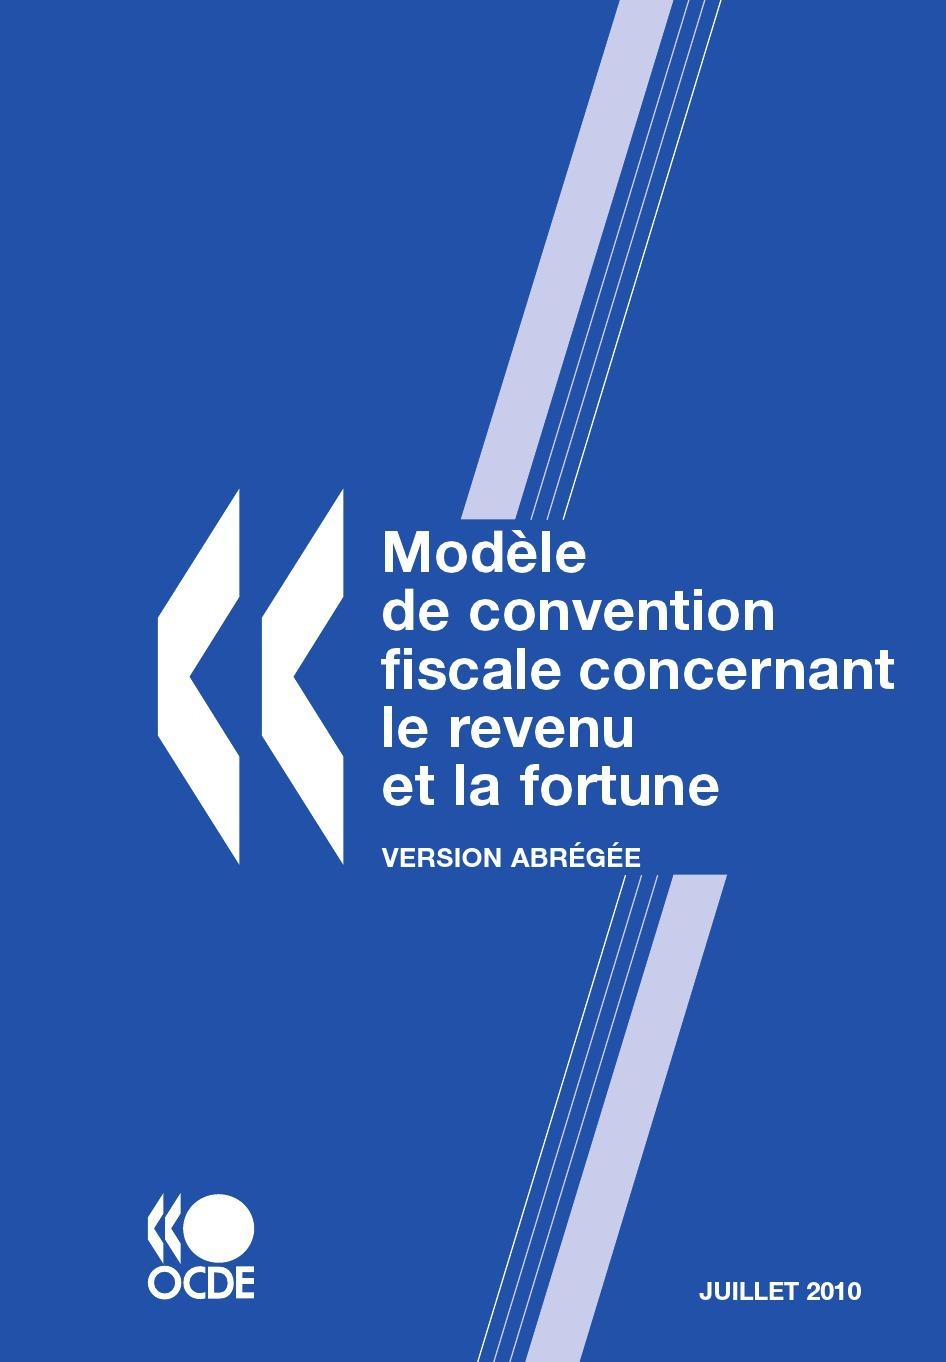 Collectif Modèle de convention fiscale concernant le revenu et la fortune : Version abrégée 2010